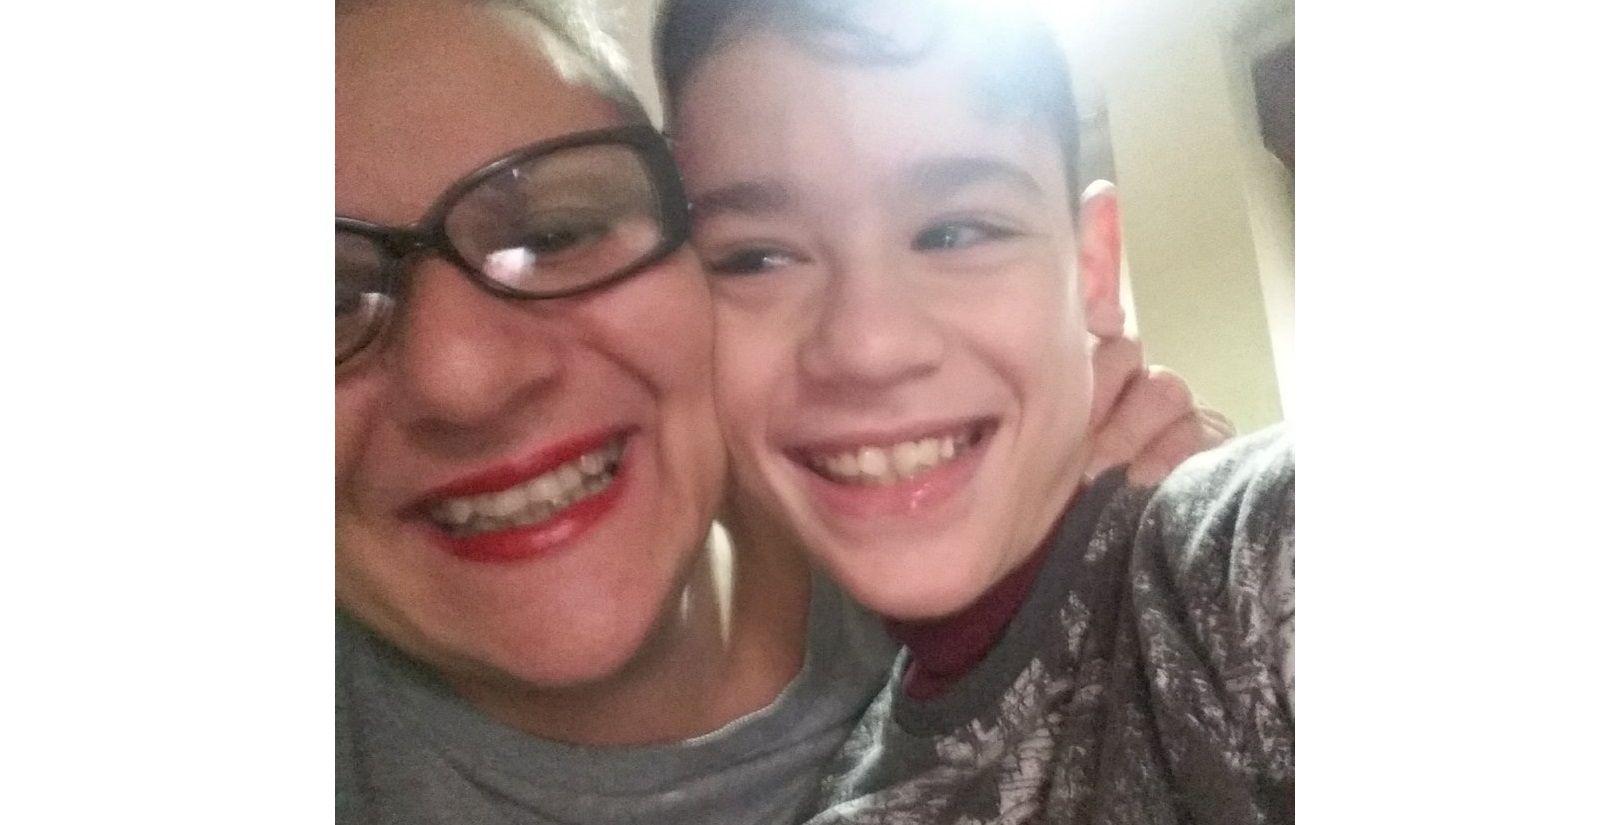 Niente mensa per il bambino disabile: la denuncia di una mamma di Foggia